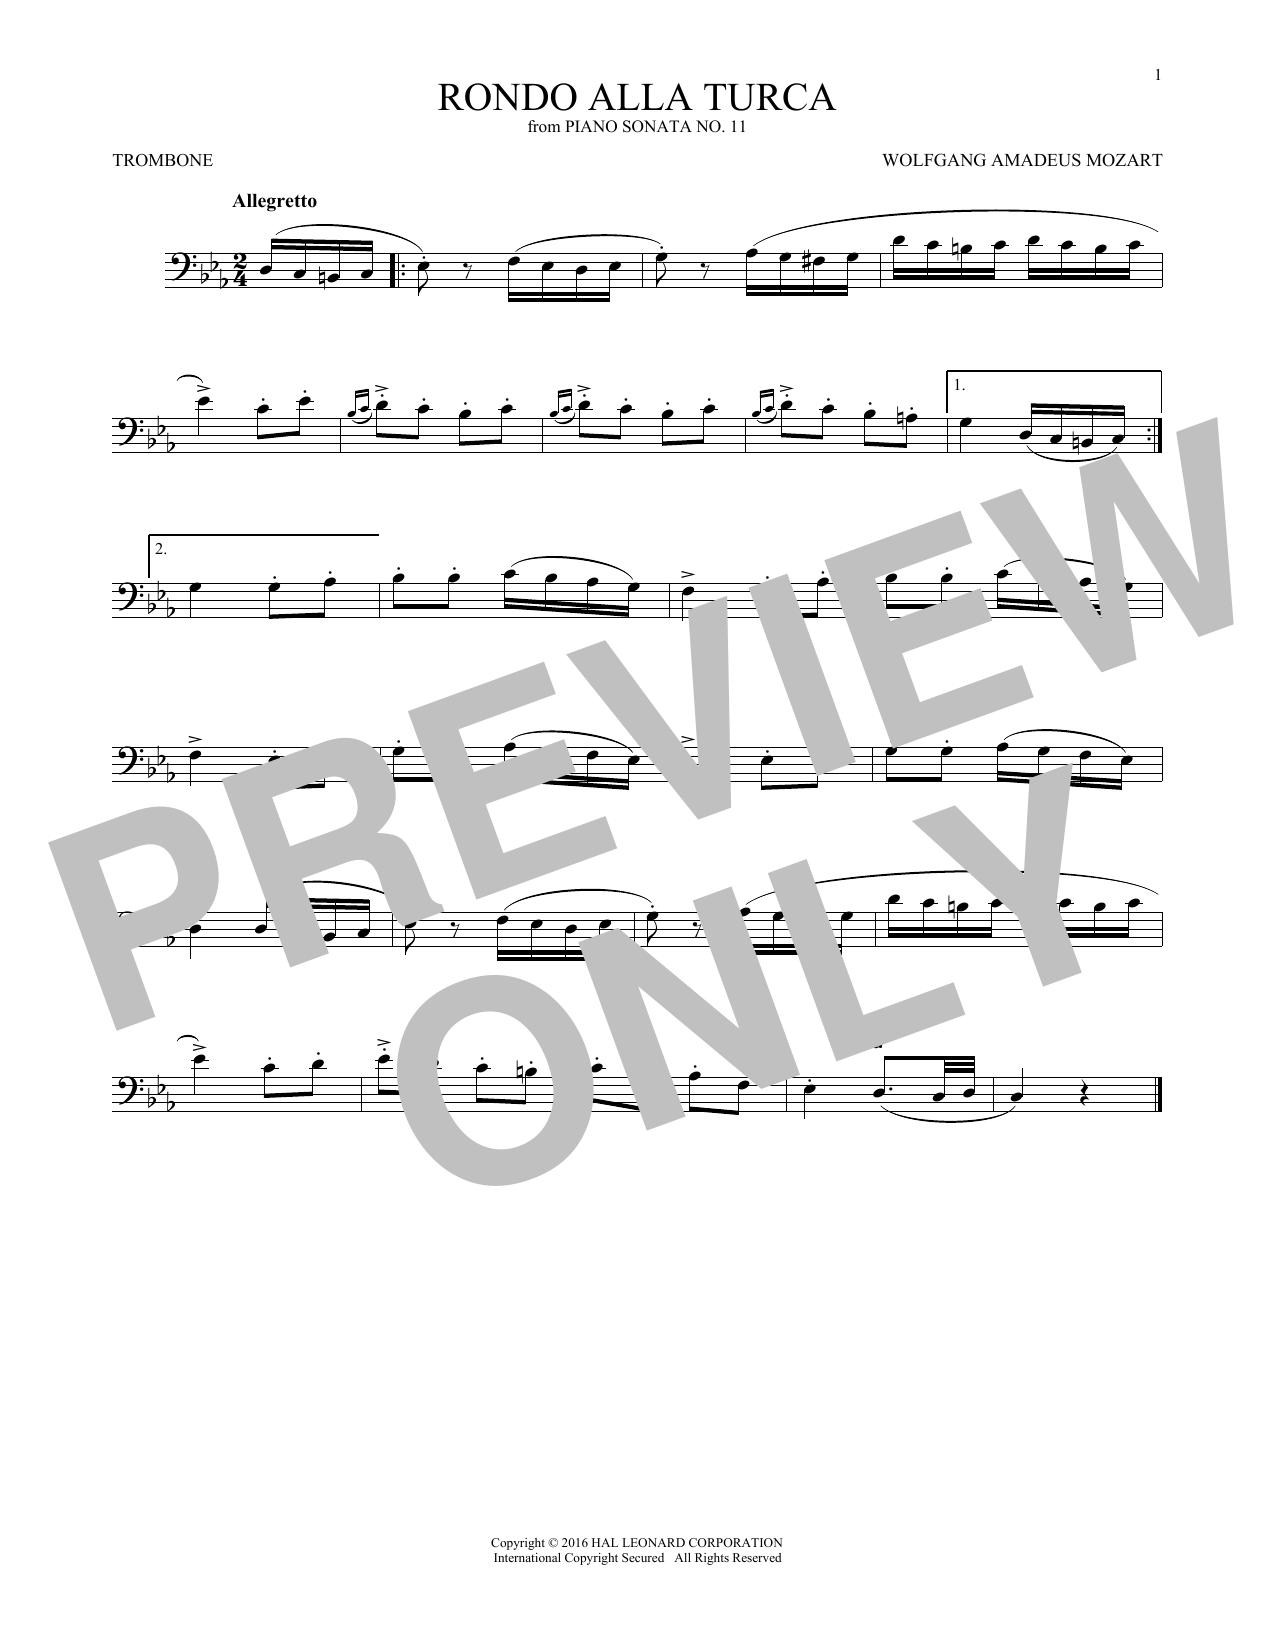 Rondo Alla Turca (Trombone Solo)